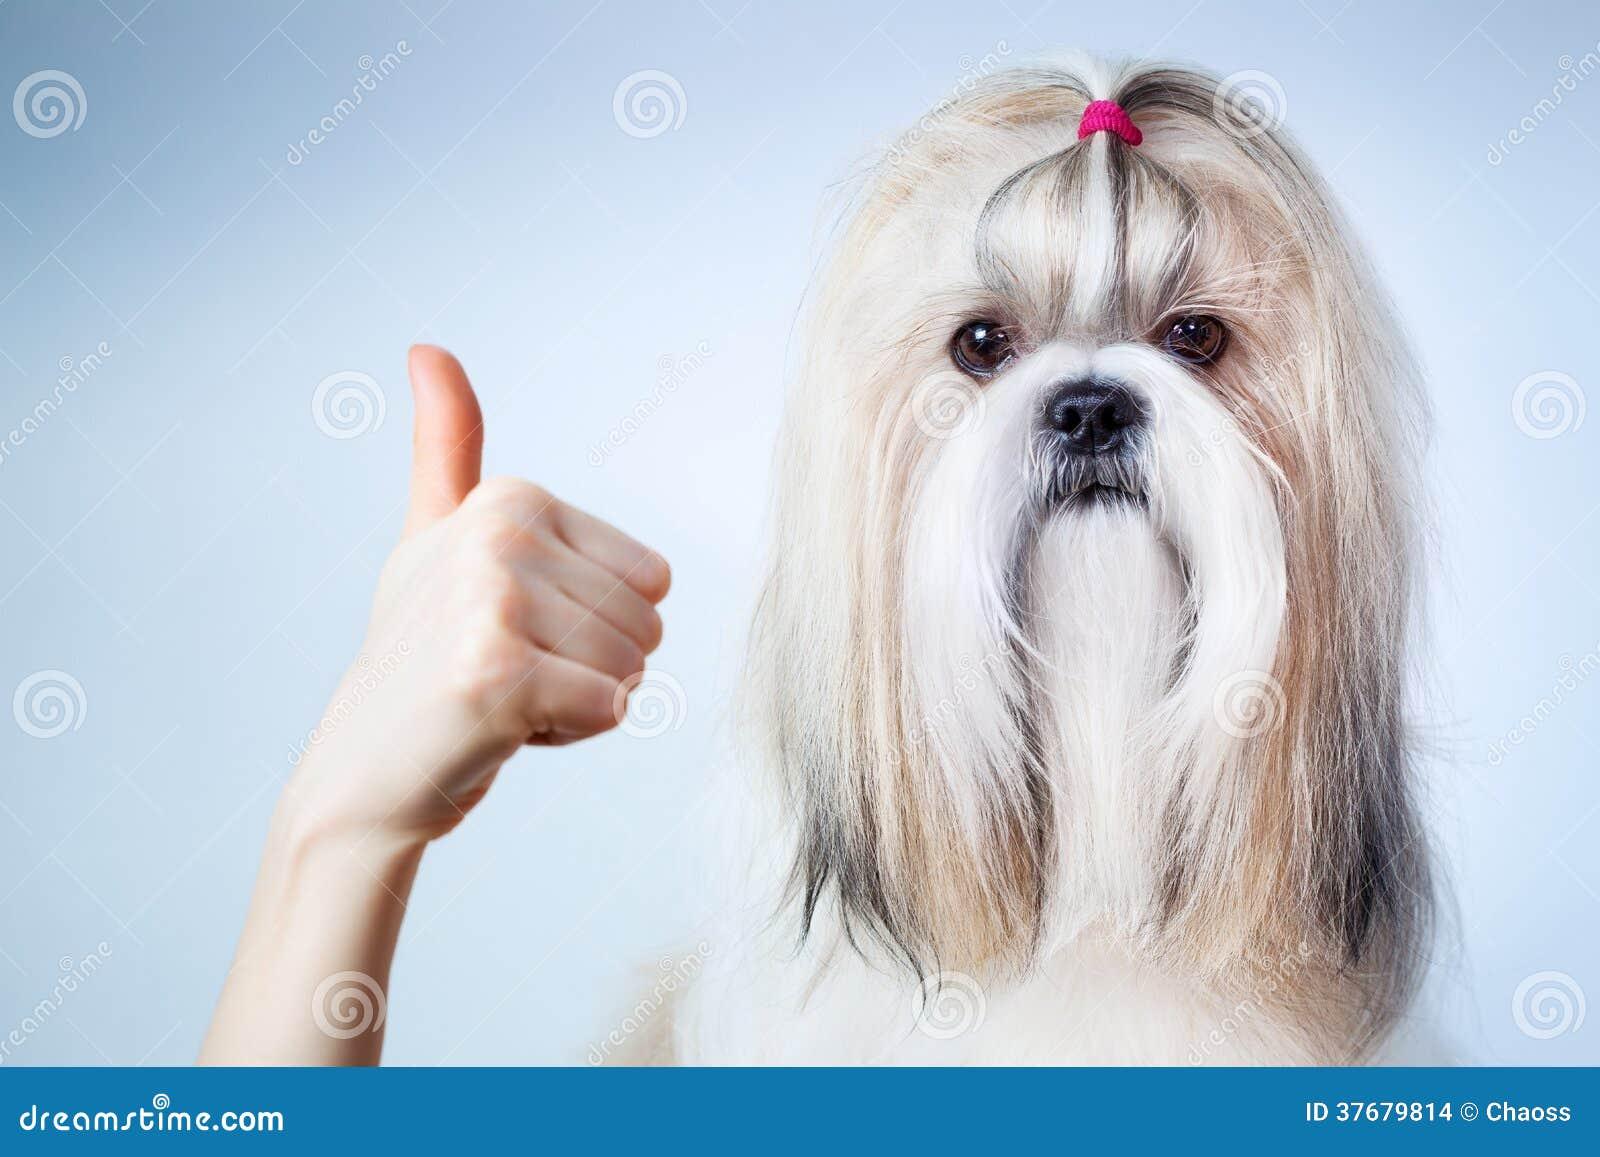 Shih tzu dog handsign